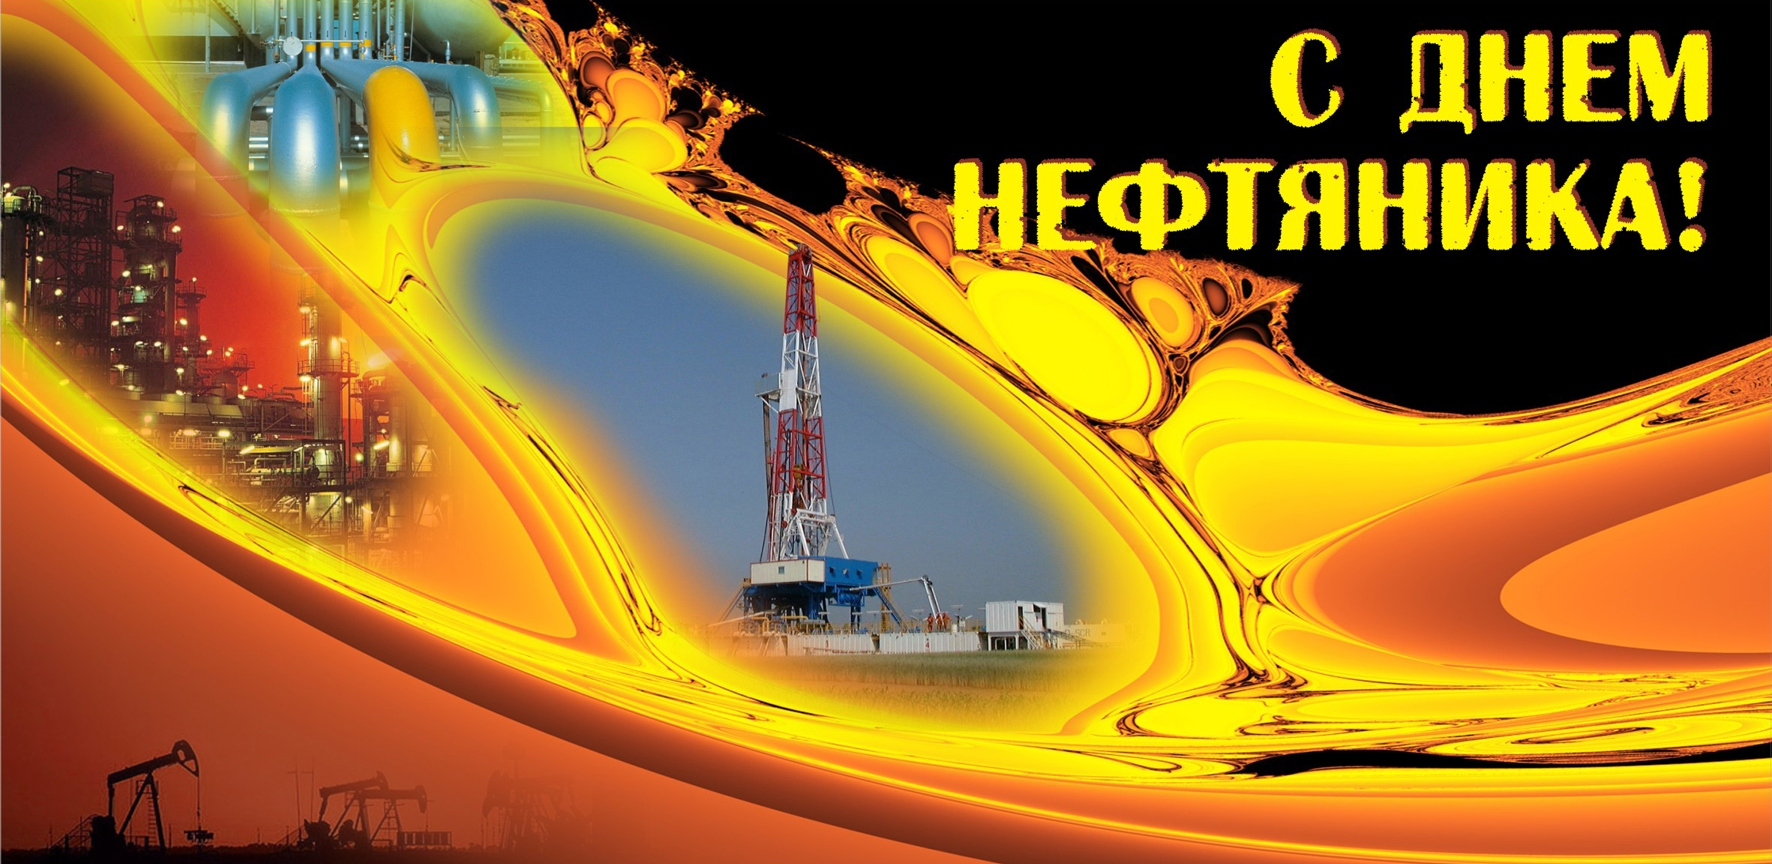 Поздравления с днем газовика для газовика - Поздравок 58